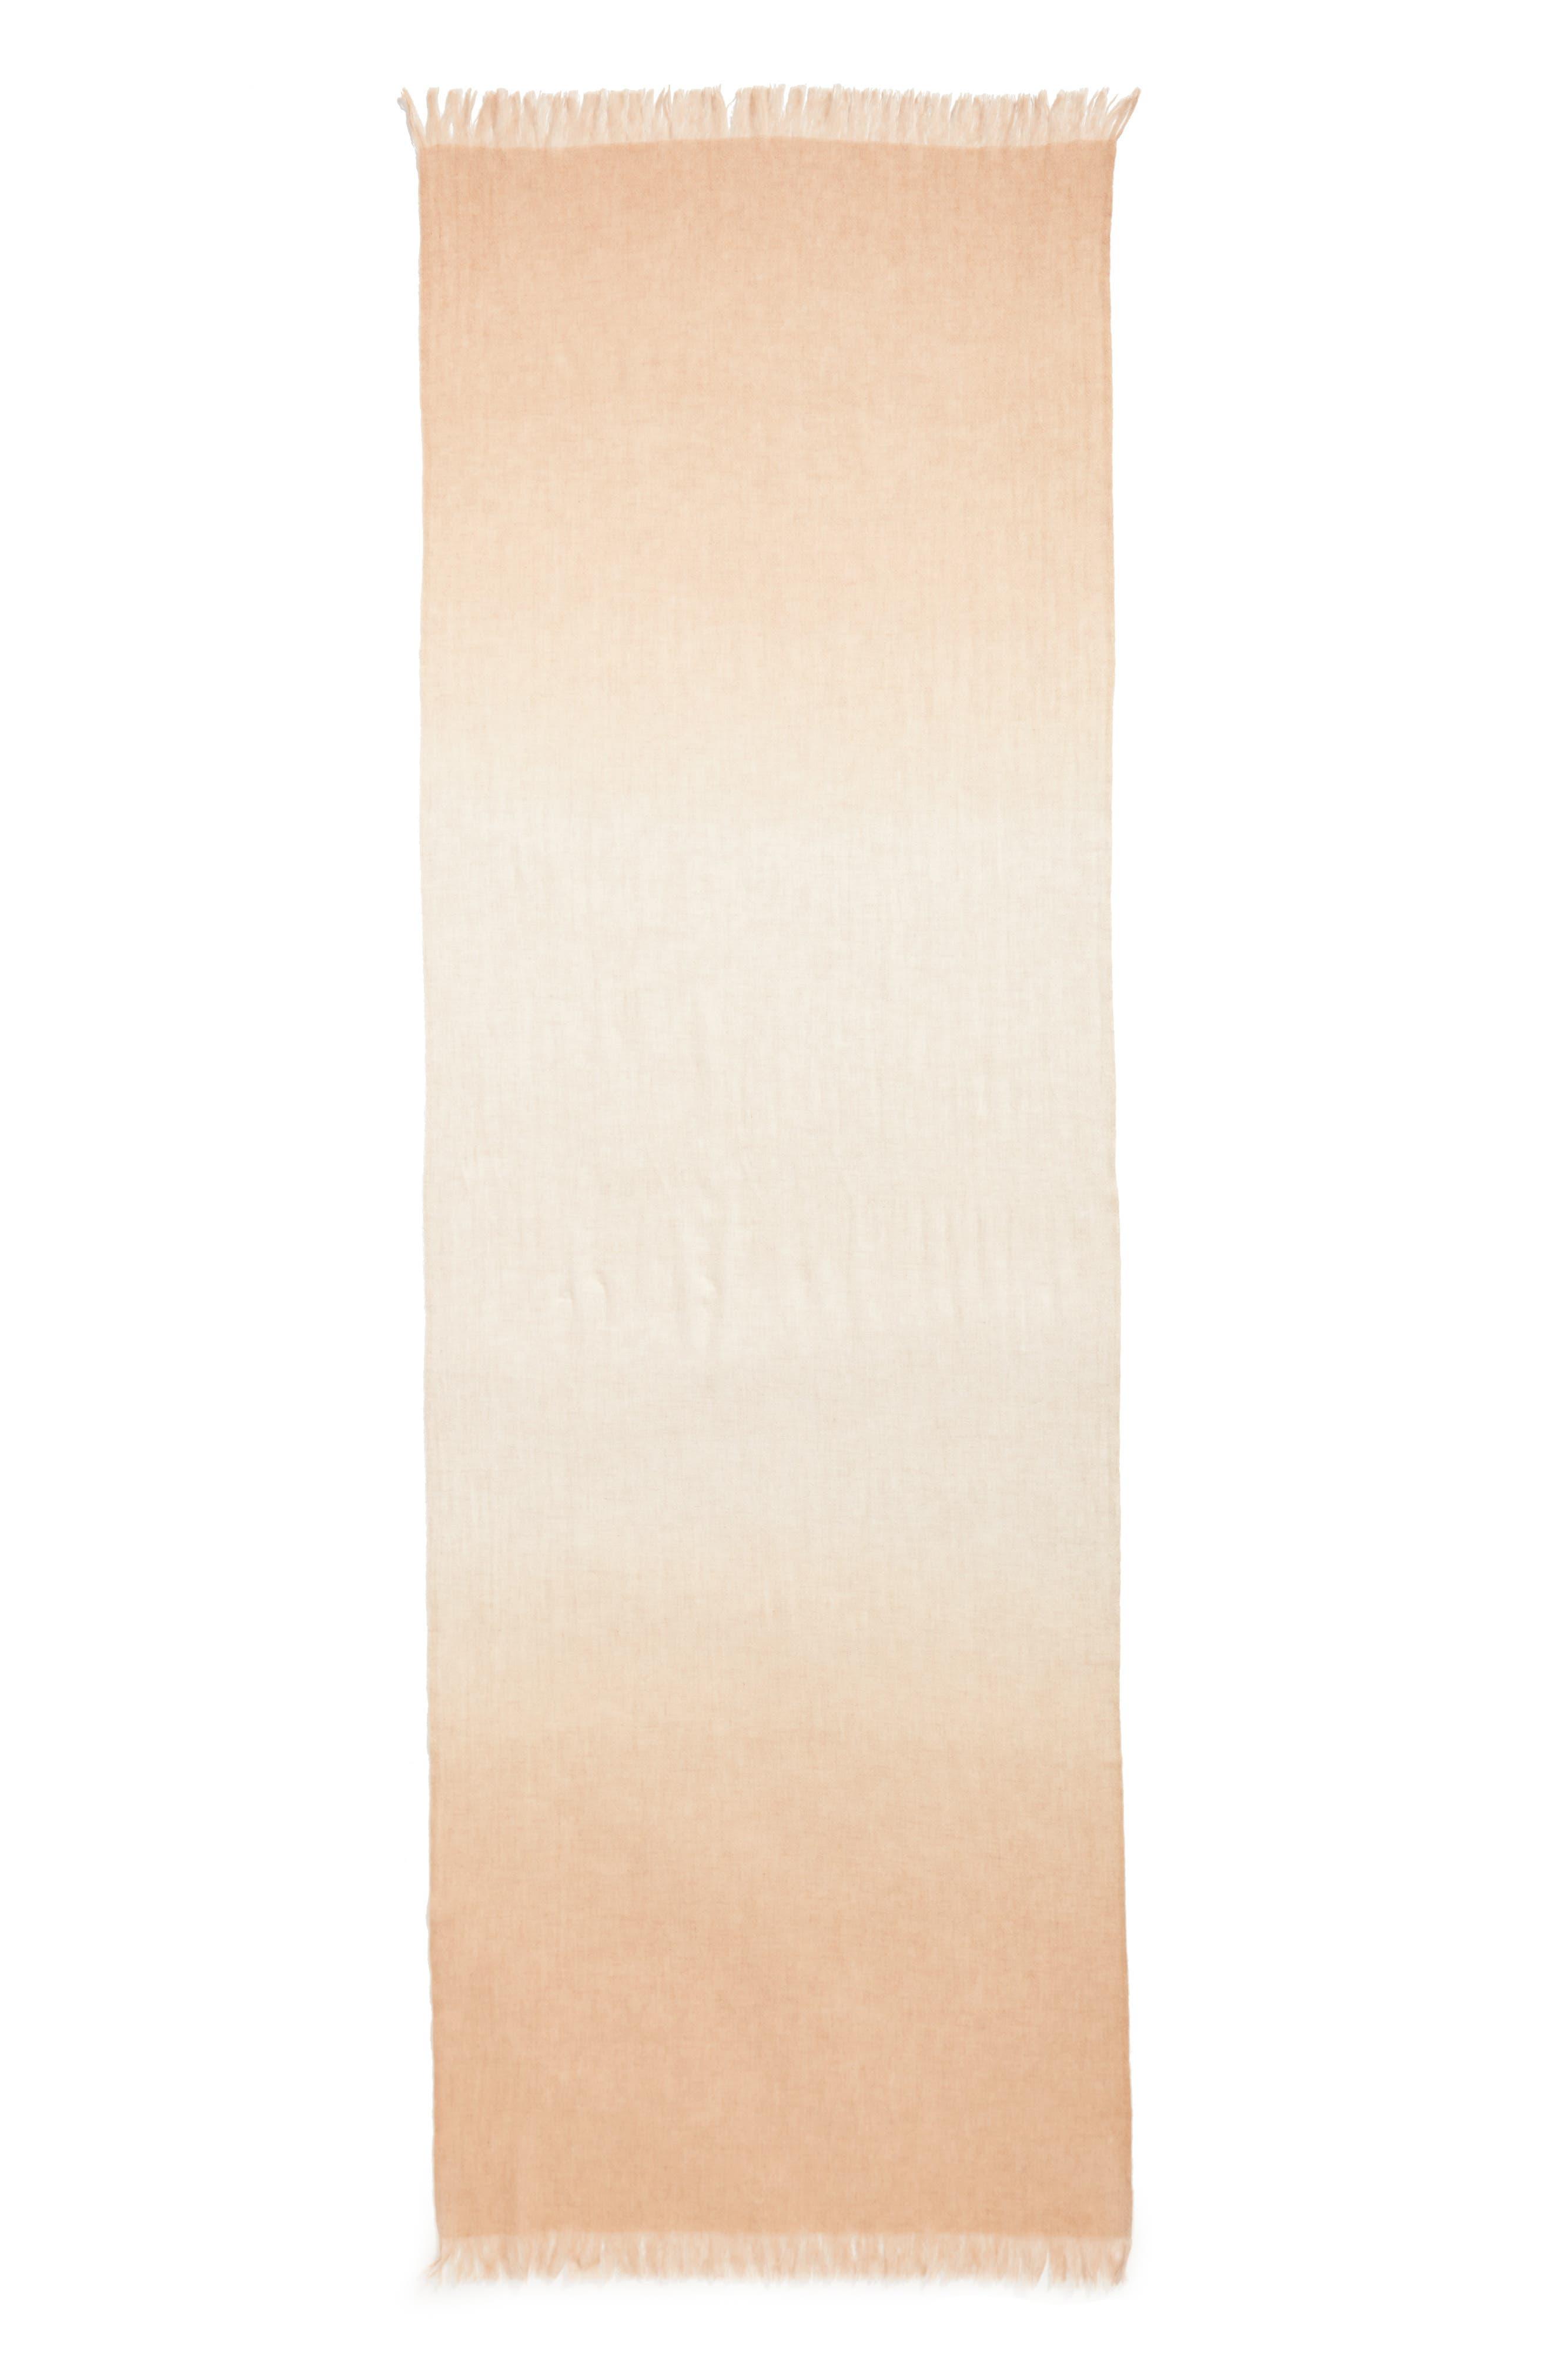 Caslon Dip Dye Cashmere Wrap,                             Alternate thumbnail 6, color,                             Beige Combo